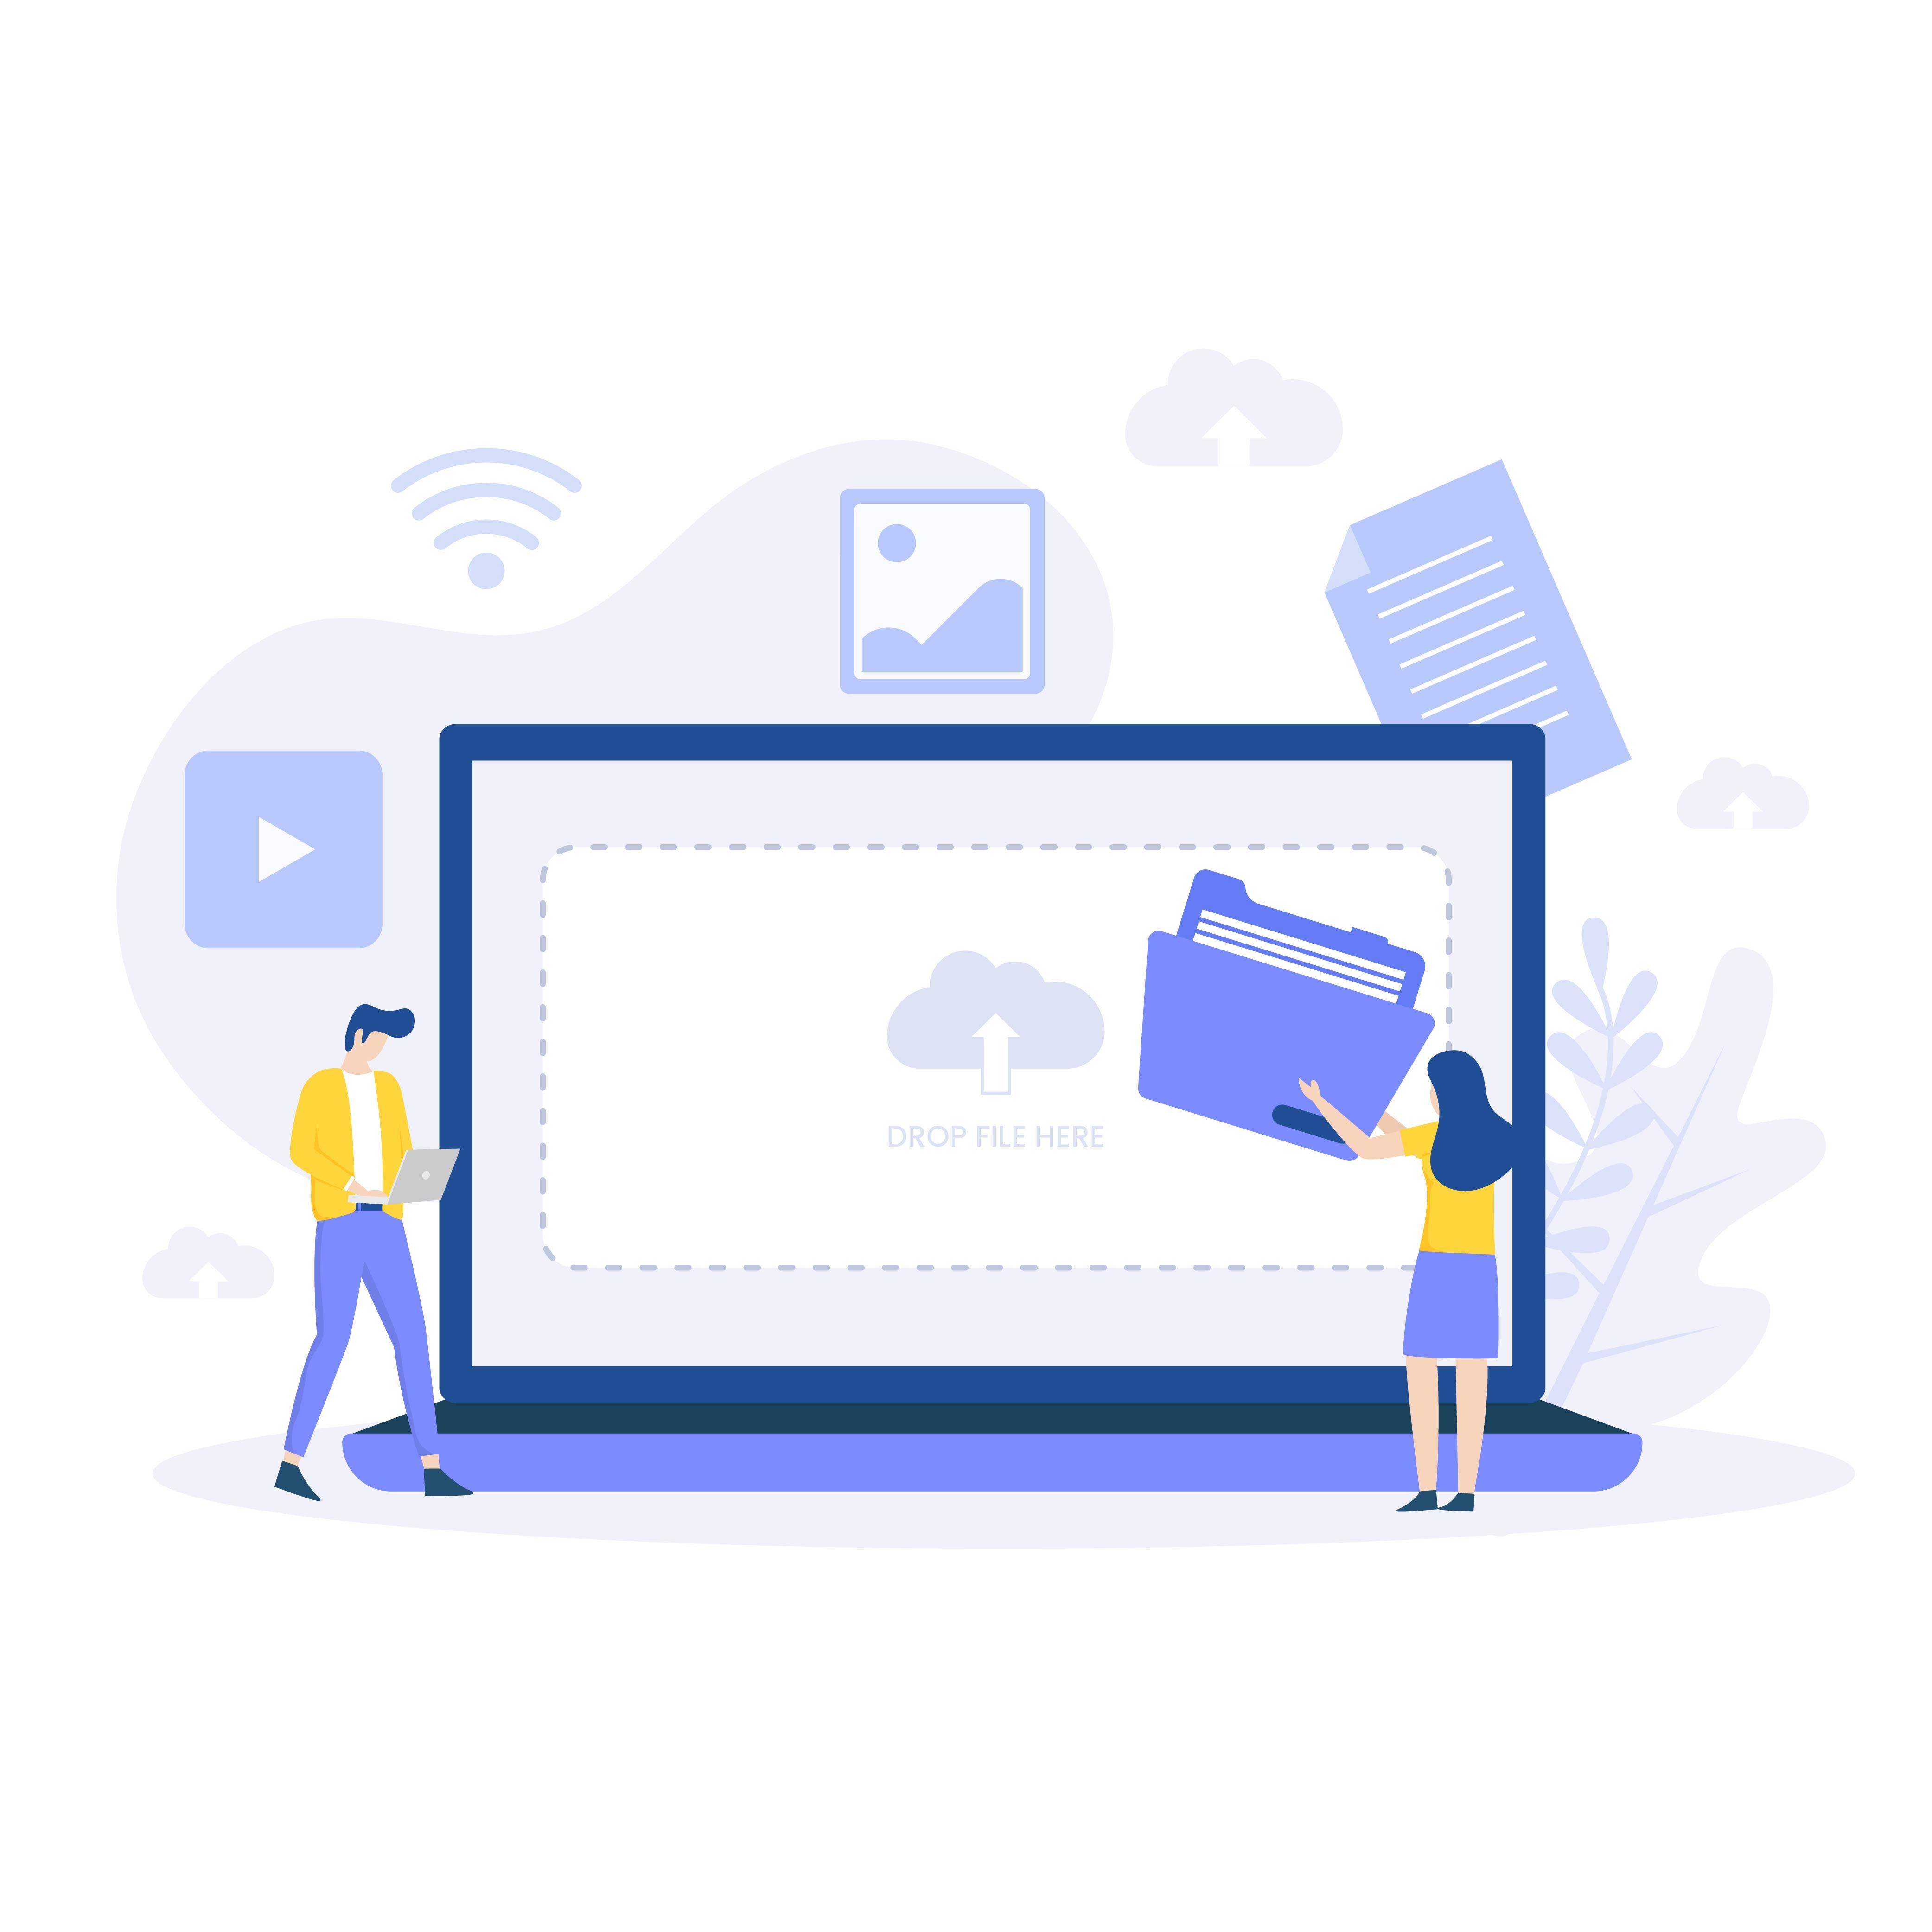 Modern flat file upload design concept